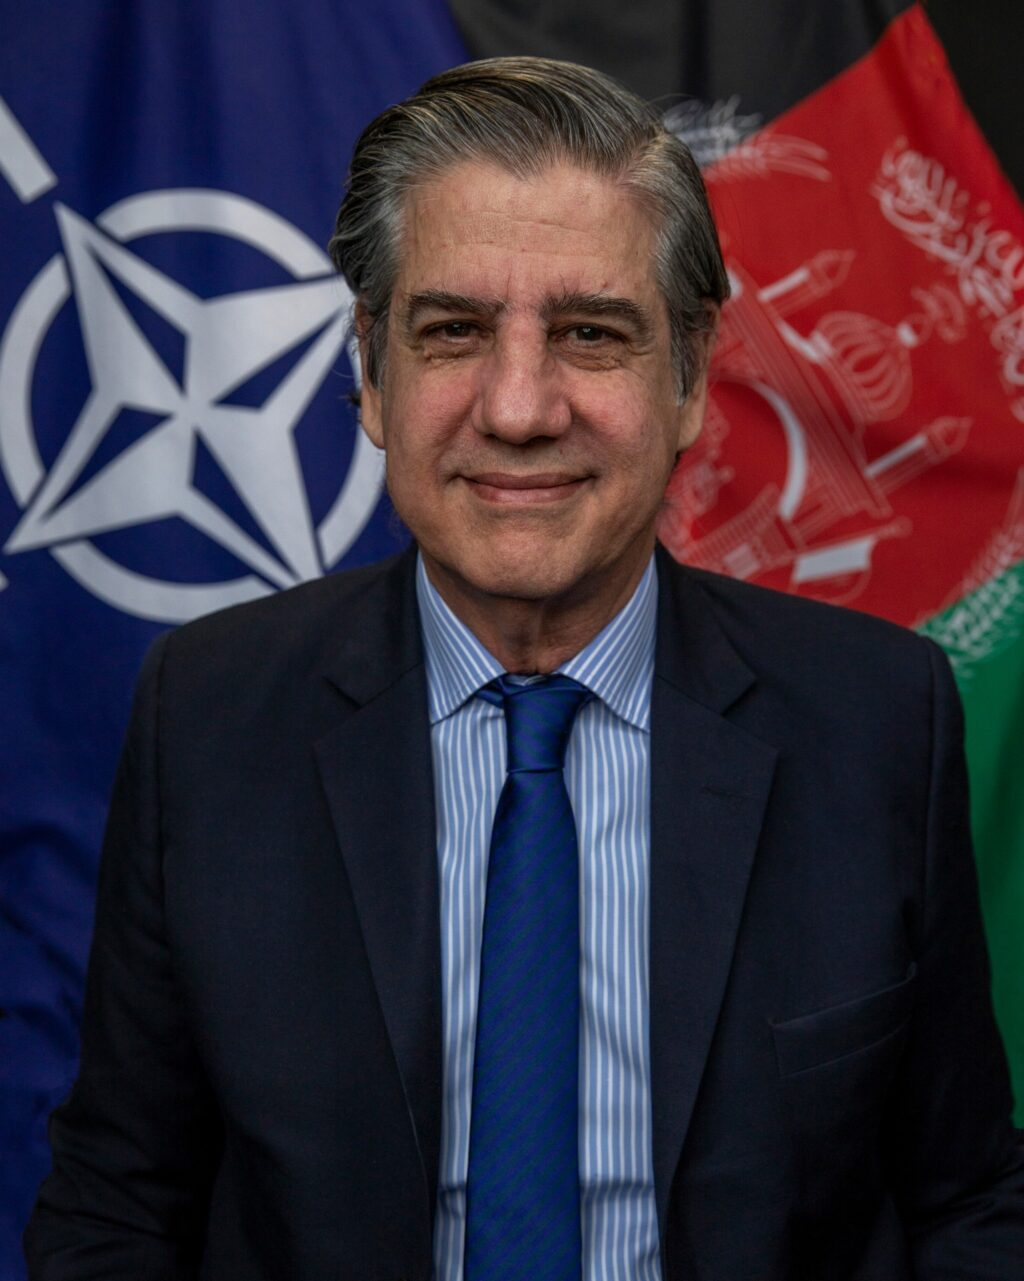 L'impegno della NATO per la pace in Afghanistan. Intervista con l'Ambasciatore Pontecorvo